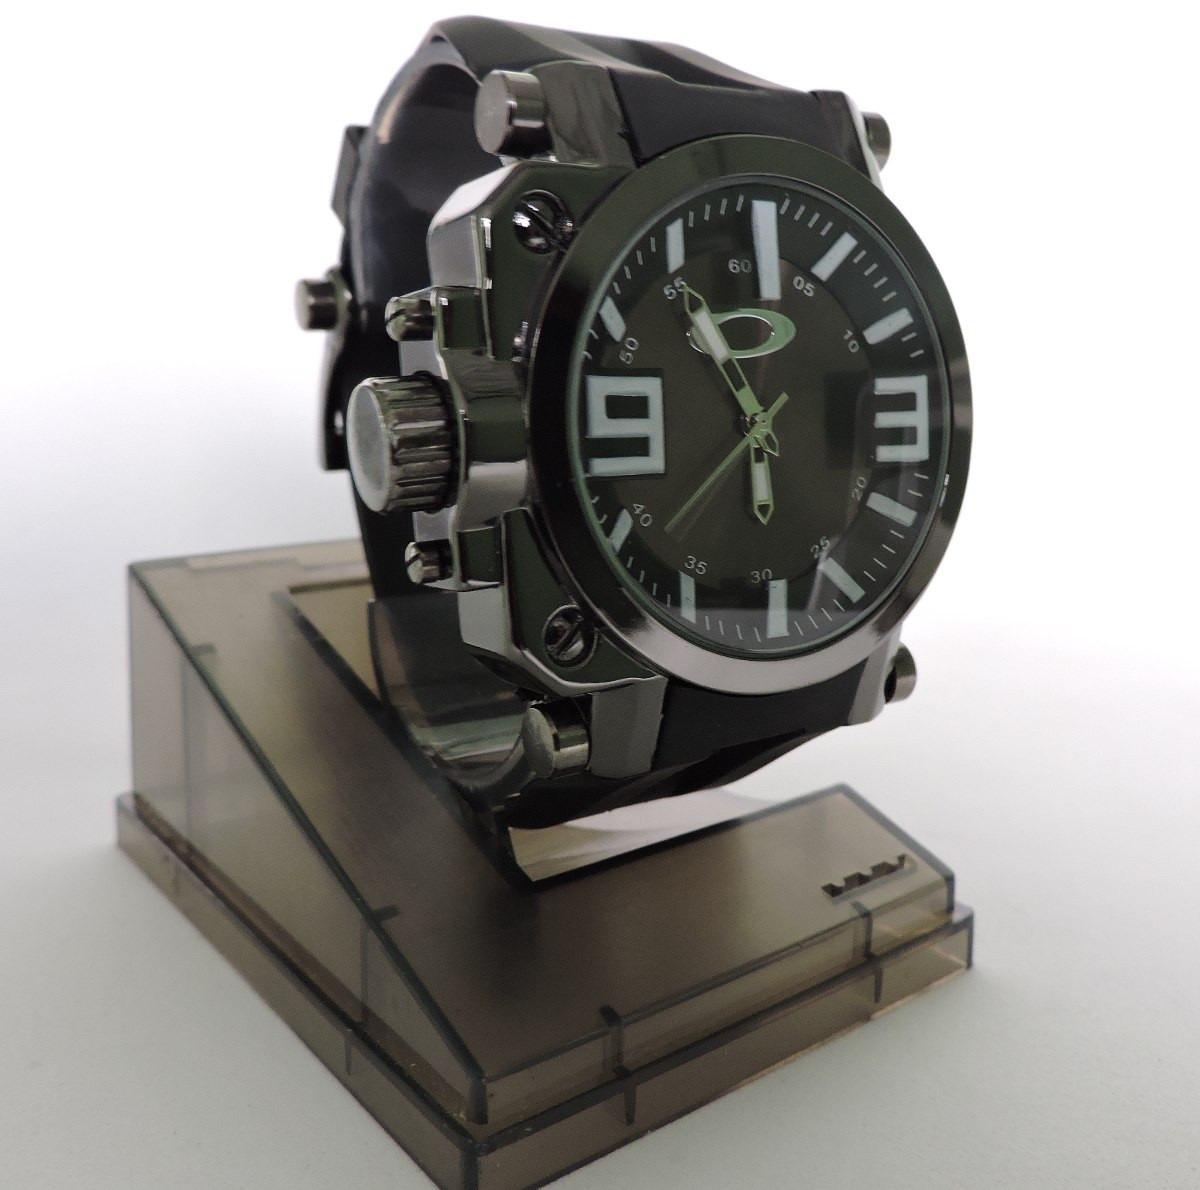 22973247a0e Carregando zoom... relógio masculino oakley gearbox esporte preto